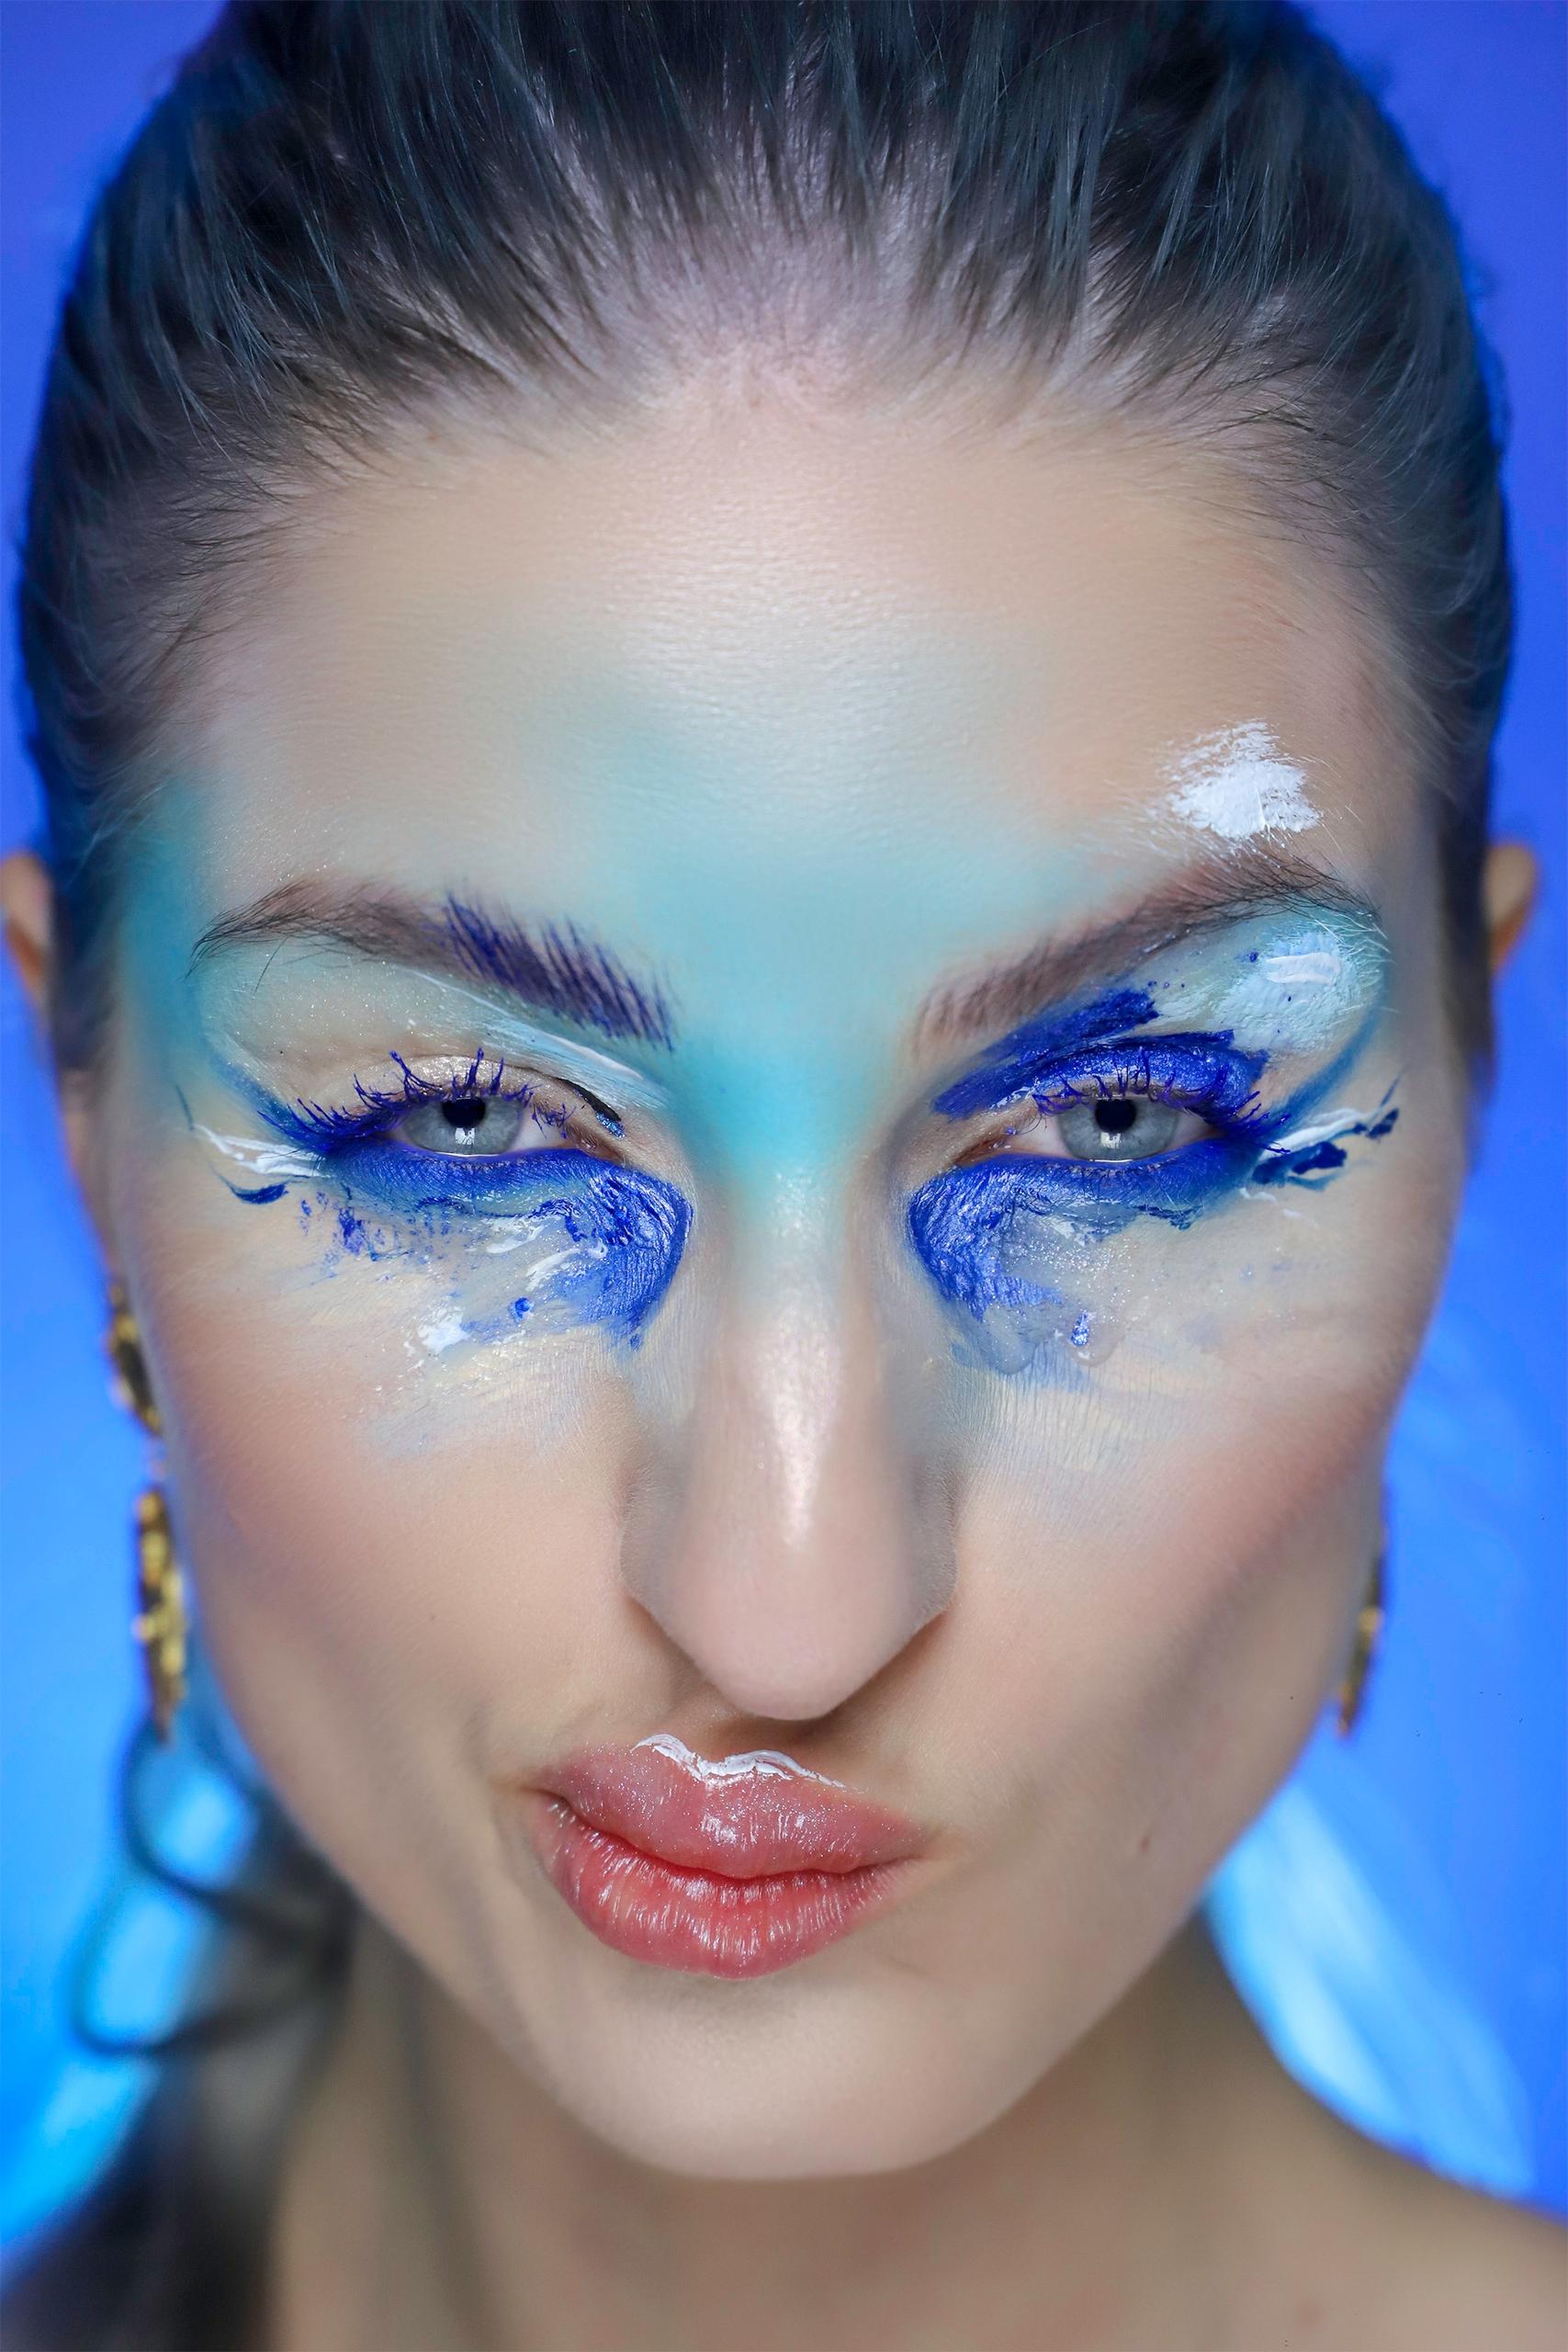 Fotografia przedstawia twarz kobiety w artystycznym makijażu. Kobieta ma skrzywioną minę. Całość na niebieskim tle.